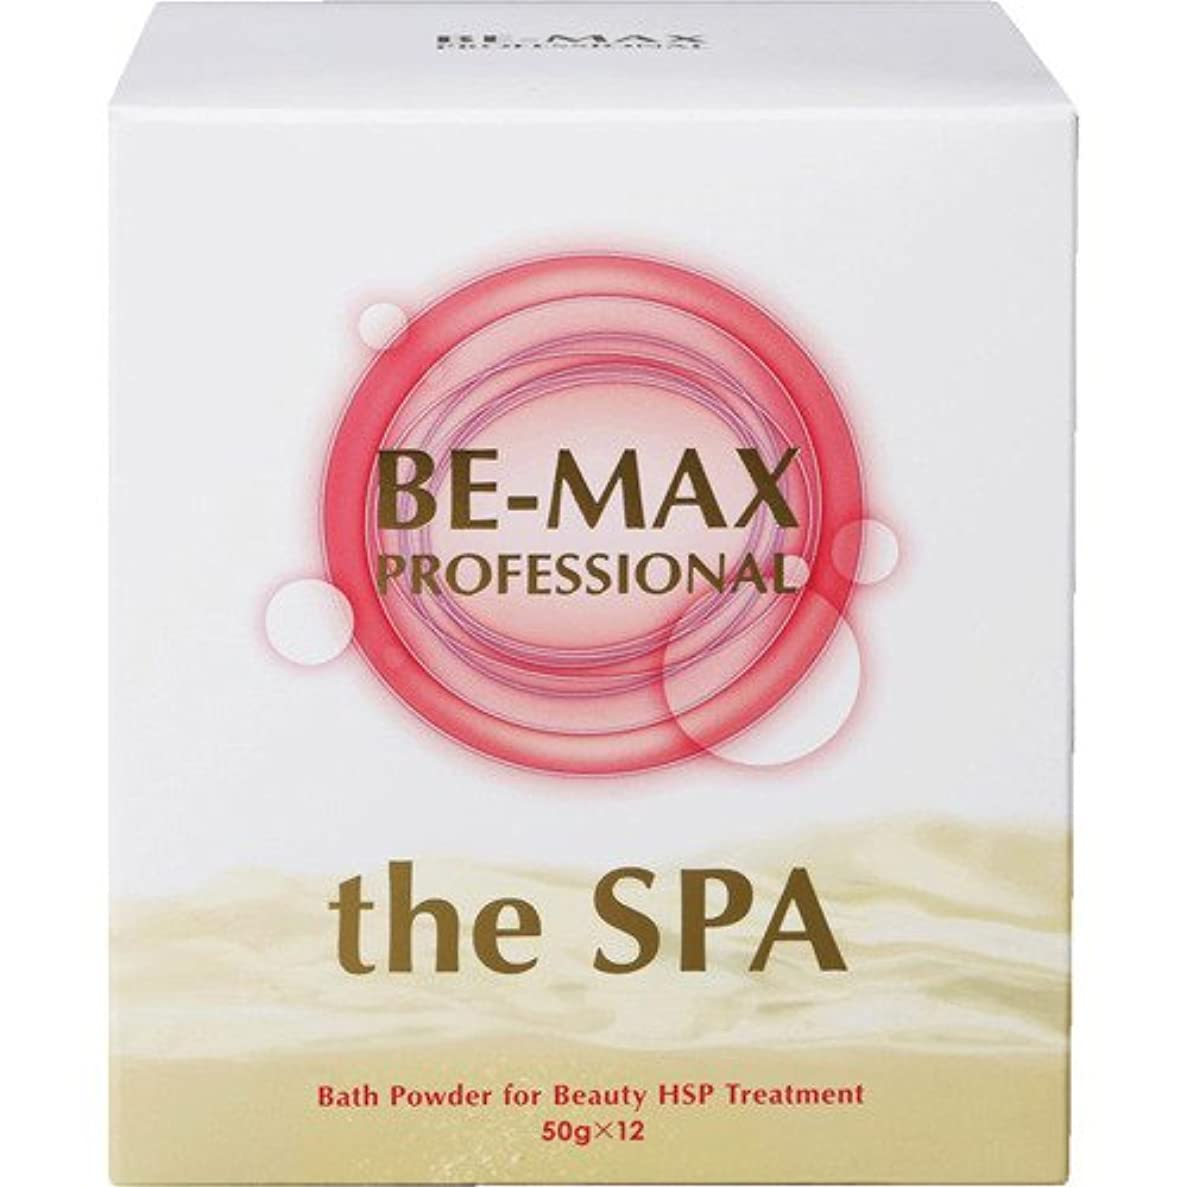 かもめ毛布とまり木BE-MAX the SPA 入浴剤 柑橘系ハーブ精油がふわりと香る微炭酸湯